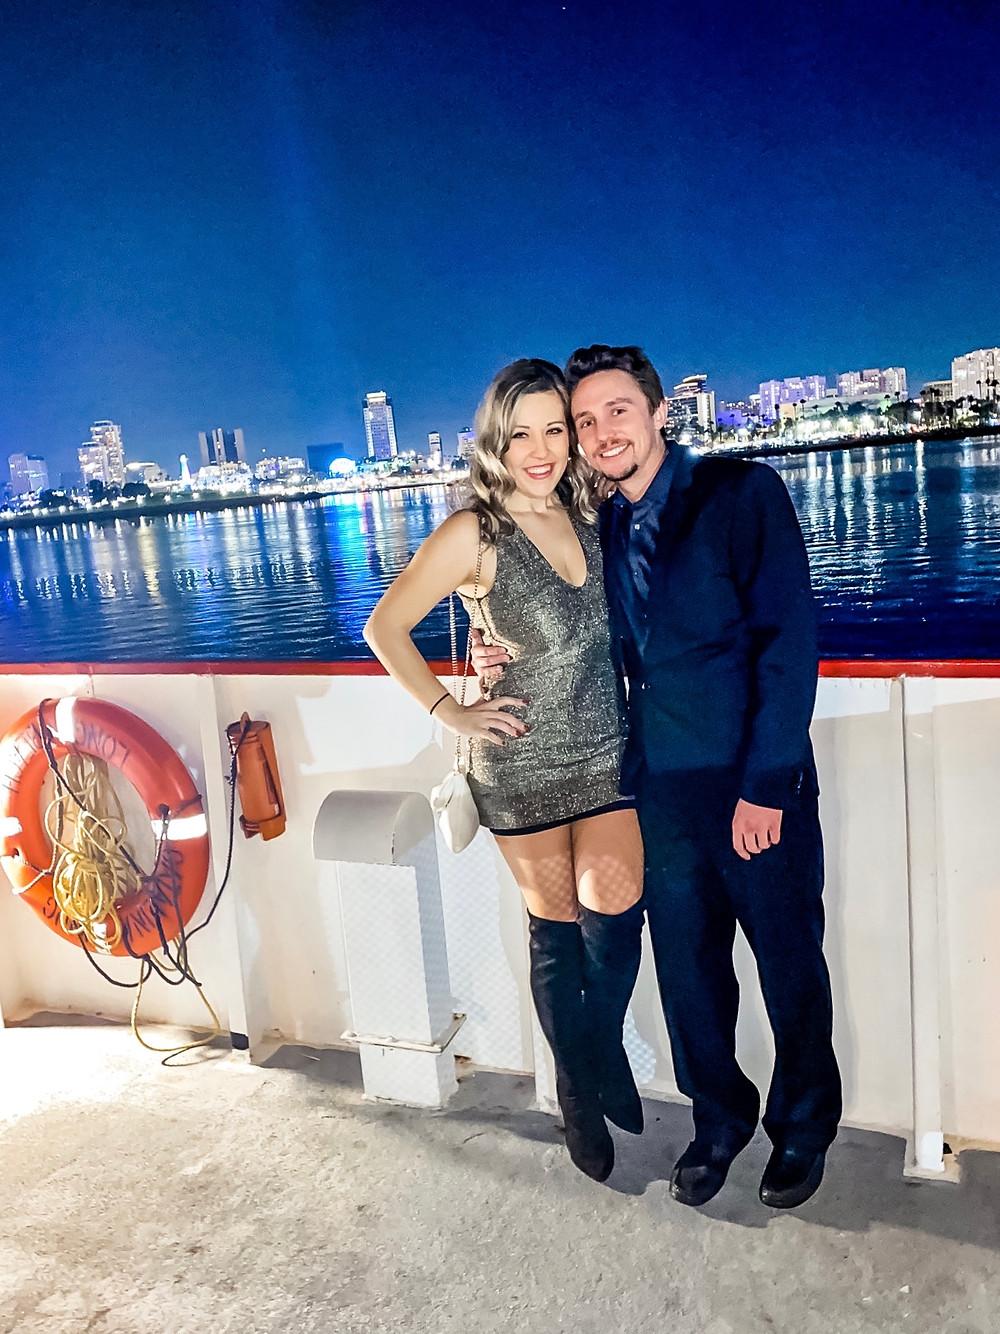 Long Beach Cruise